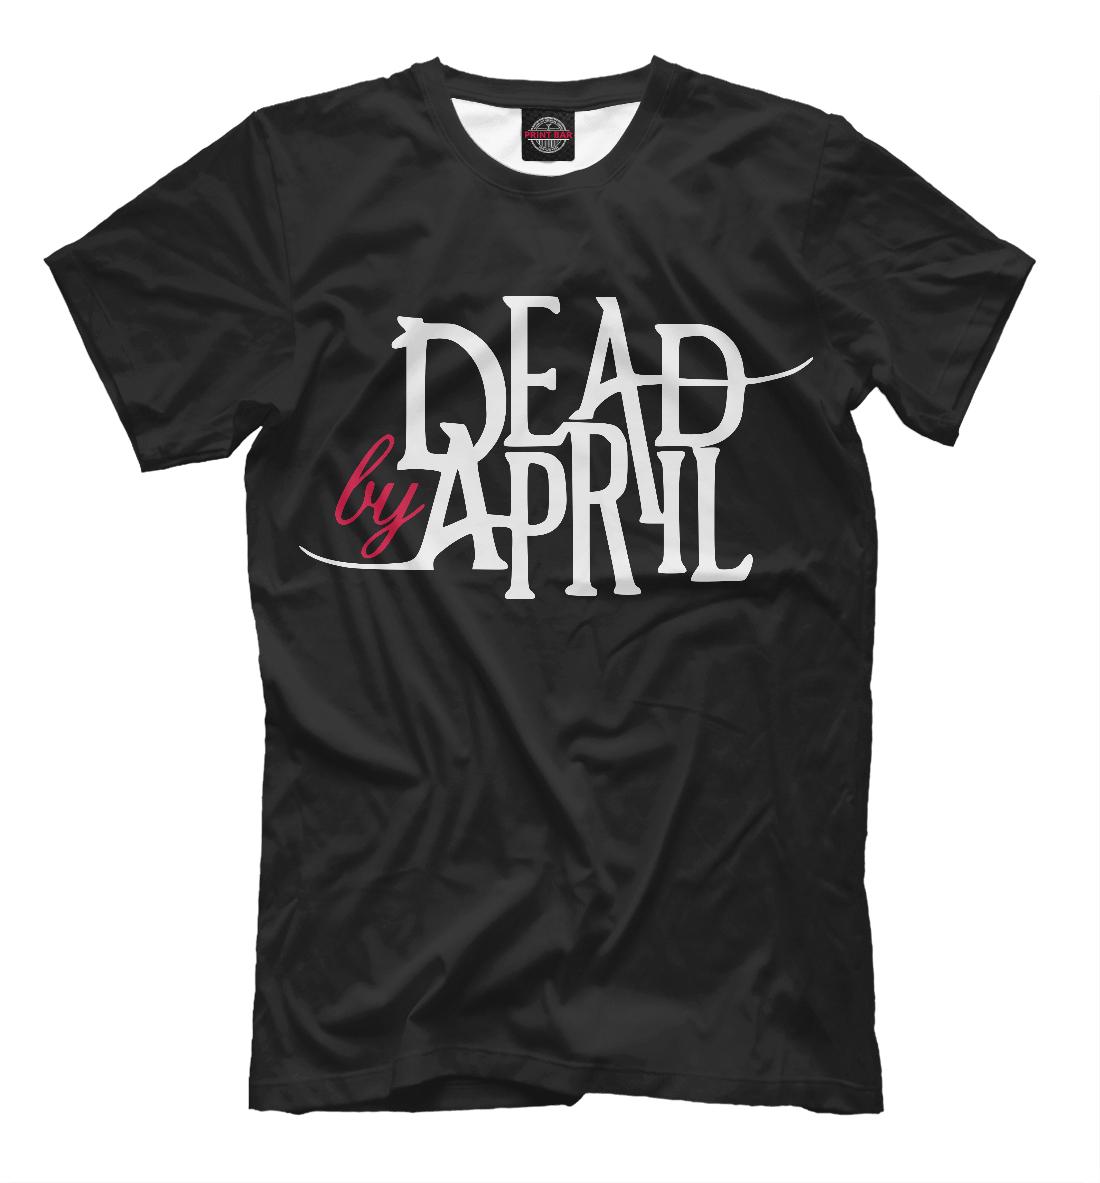 Купить Dead by April, Printbar, Футболки, MZK-706185-fut-2